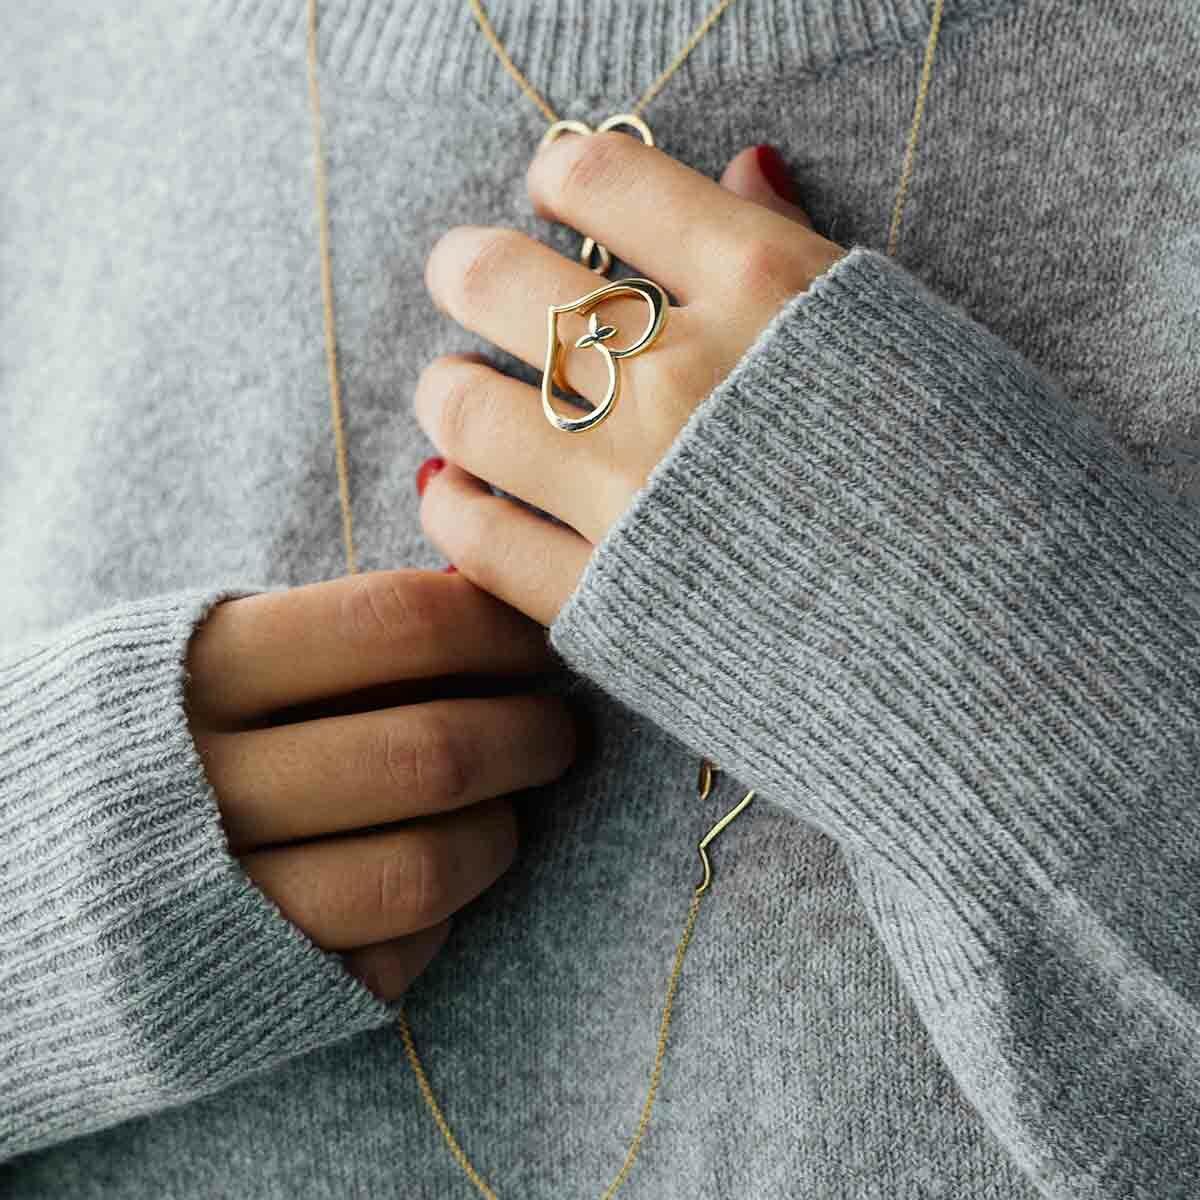 انگشتر طلا قلب و برگ پرسته